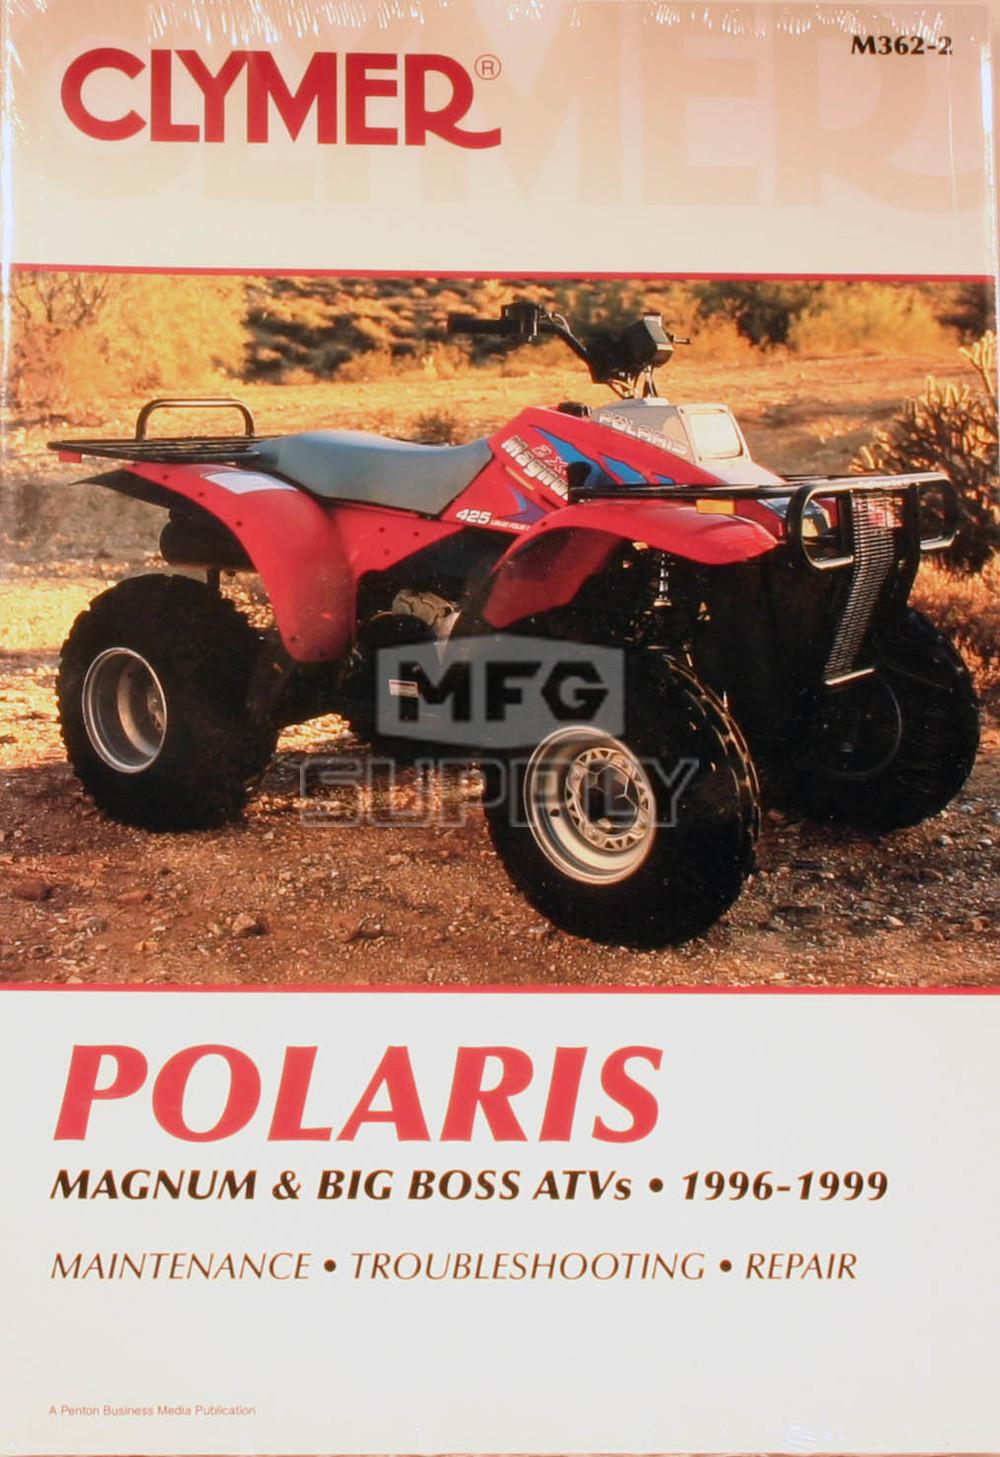 cm362 96 99 polaris p425l magnum more repair maintenance rh mfgsupply com Polaris Magnum 425 4x4 Parts 1997 Polaris Magnum 425 4x4